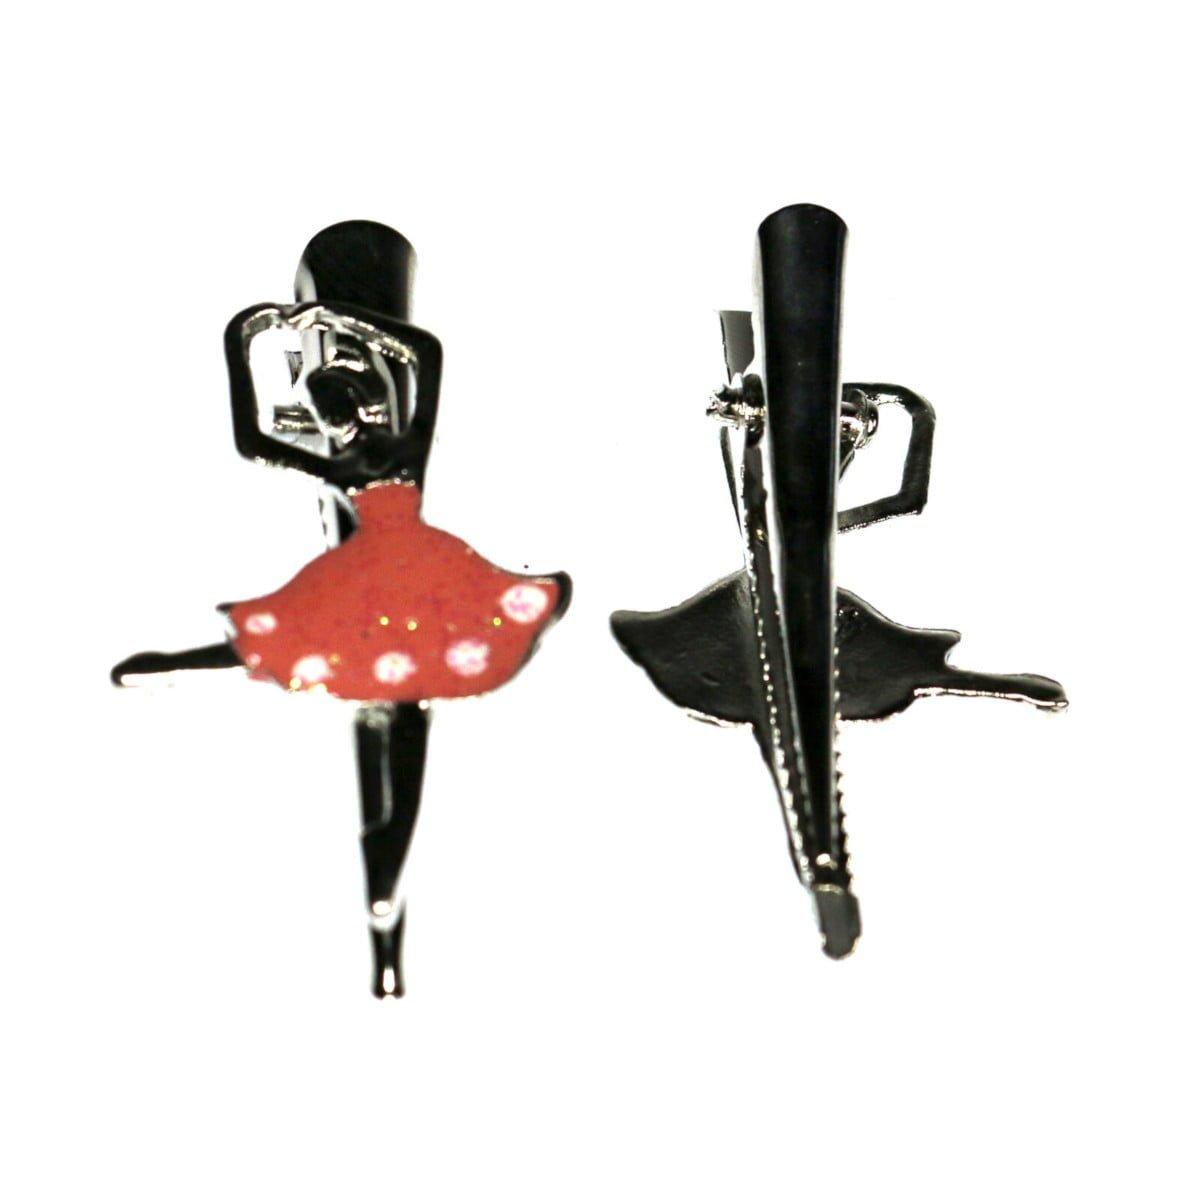 Ballerina hair clip on a beak clip. 1